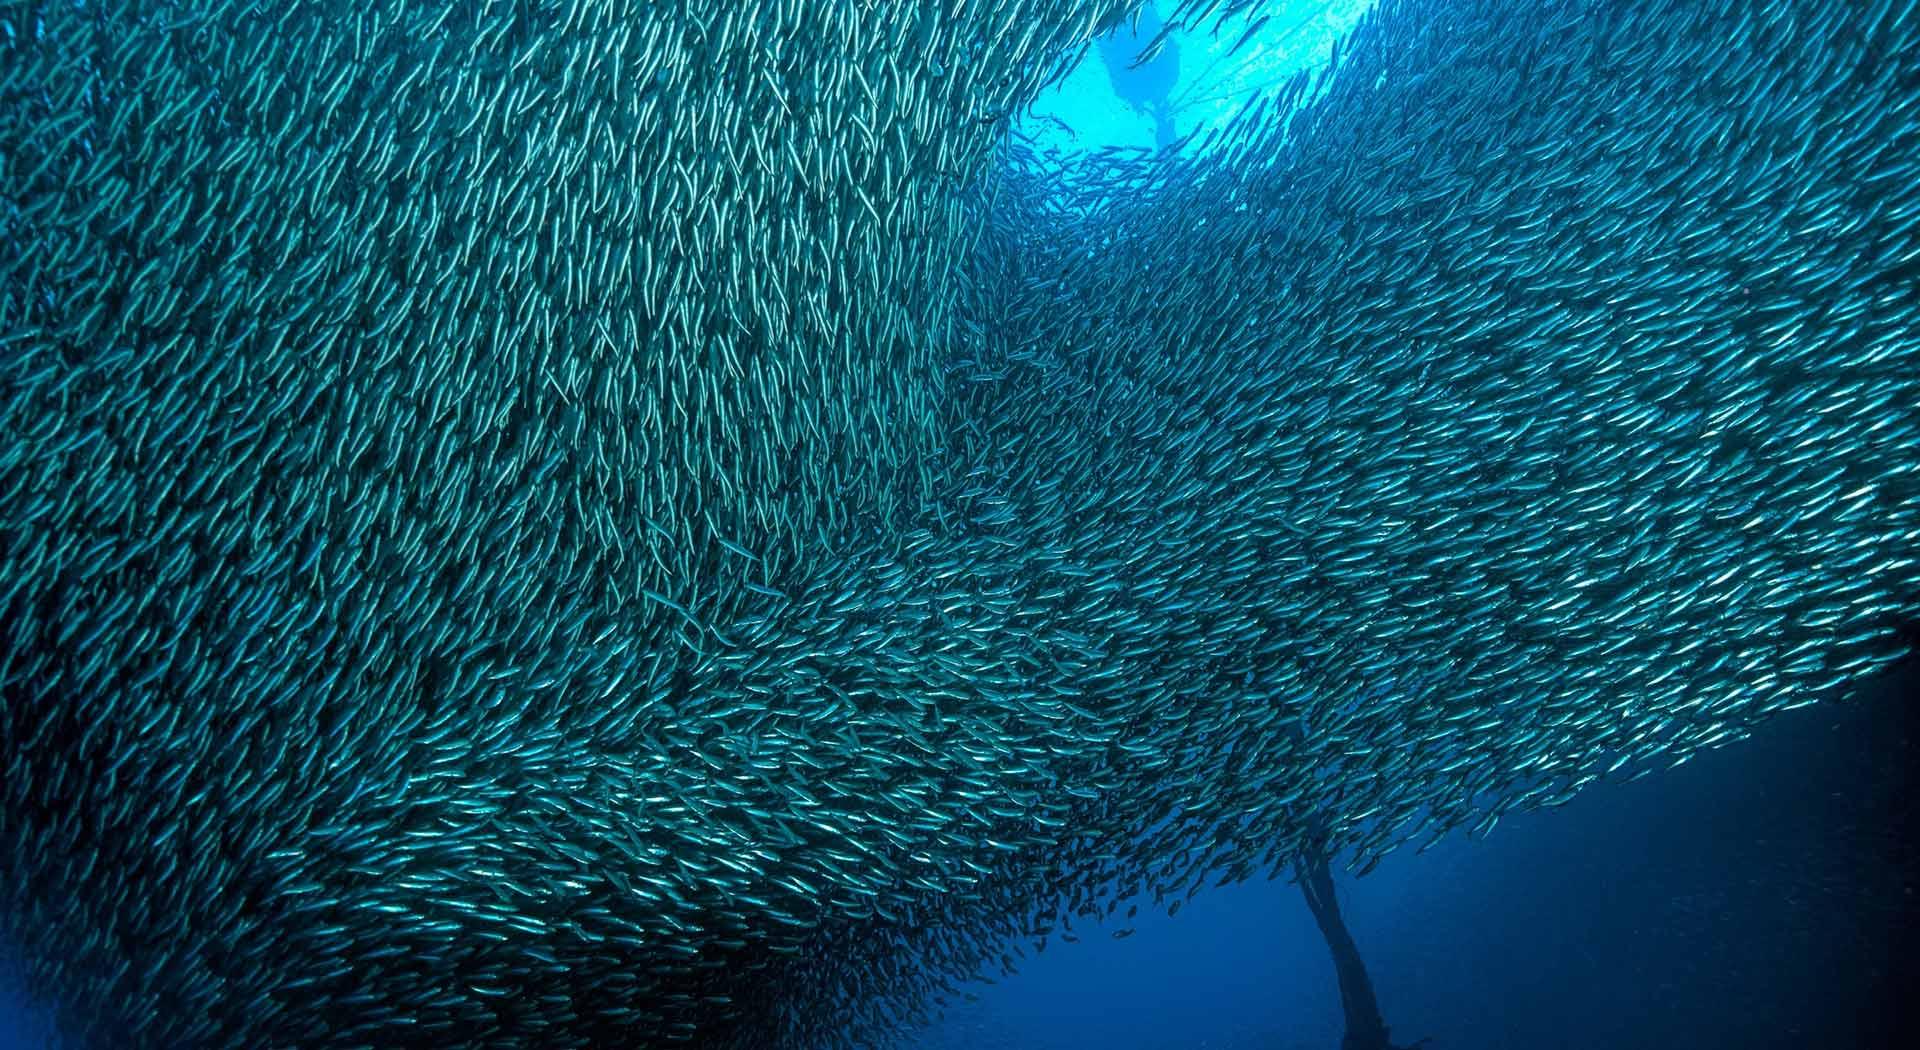 Acciughe liguri di Bel Fish Food: esclusivi piatti pronti, facili e veloci da preparare, per portare in pochi minuti in tavola tutto il gusto del mare